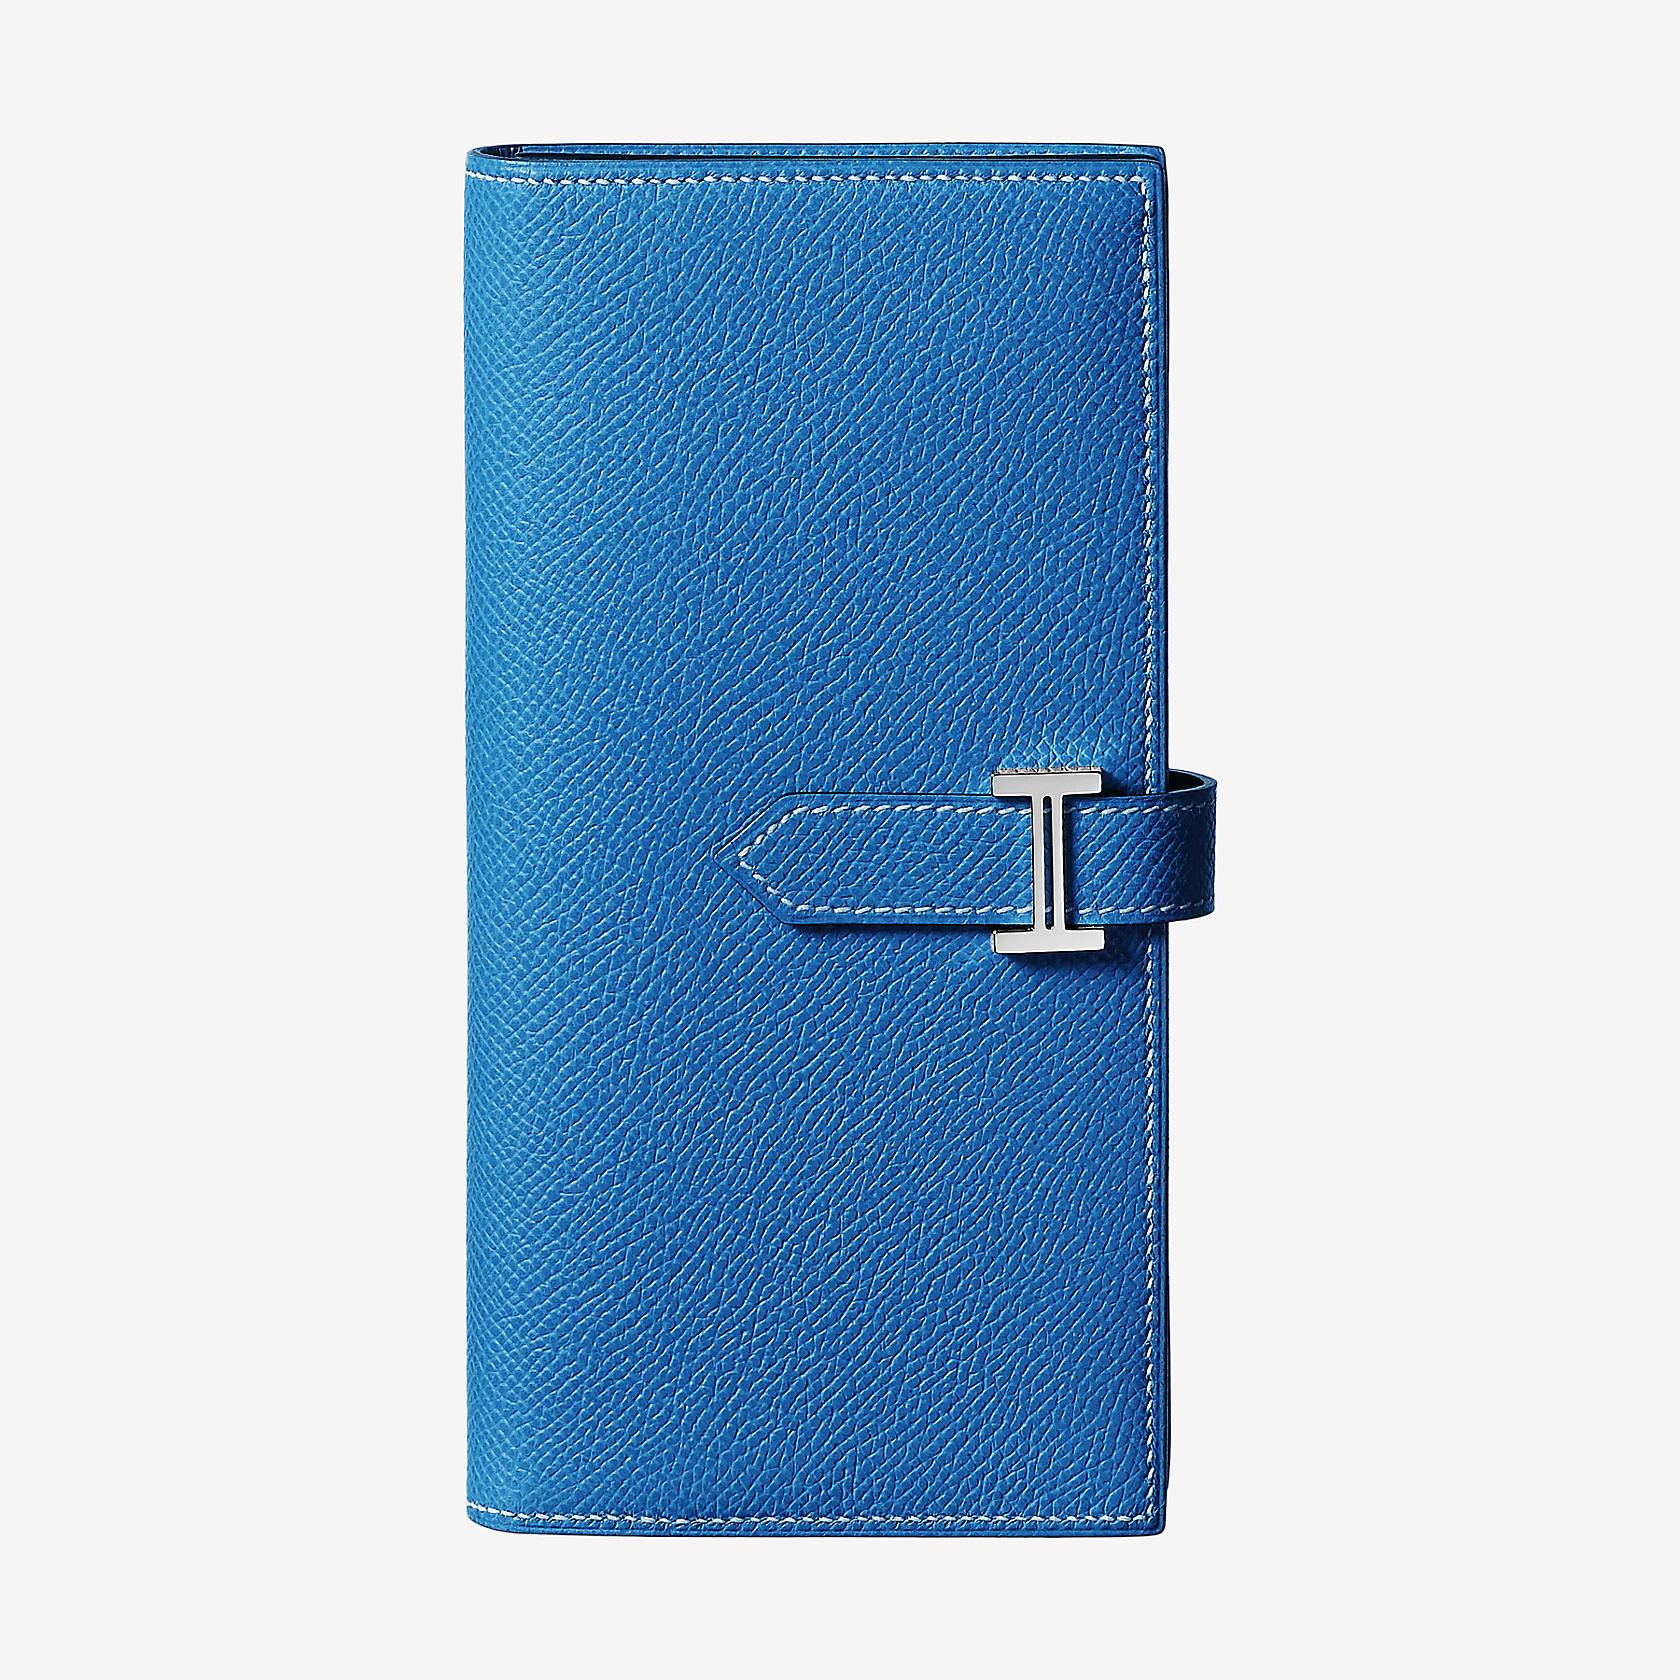 8559554e97e7 Bearn wallet | Hermès USA